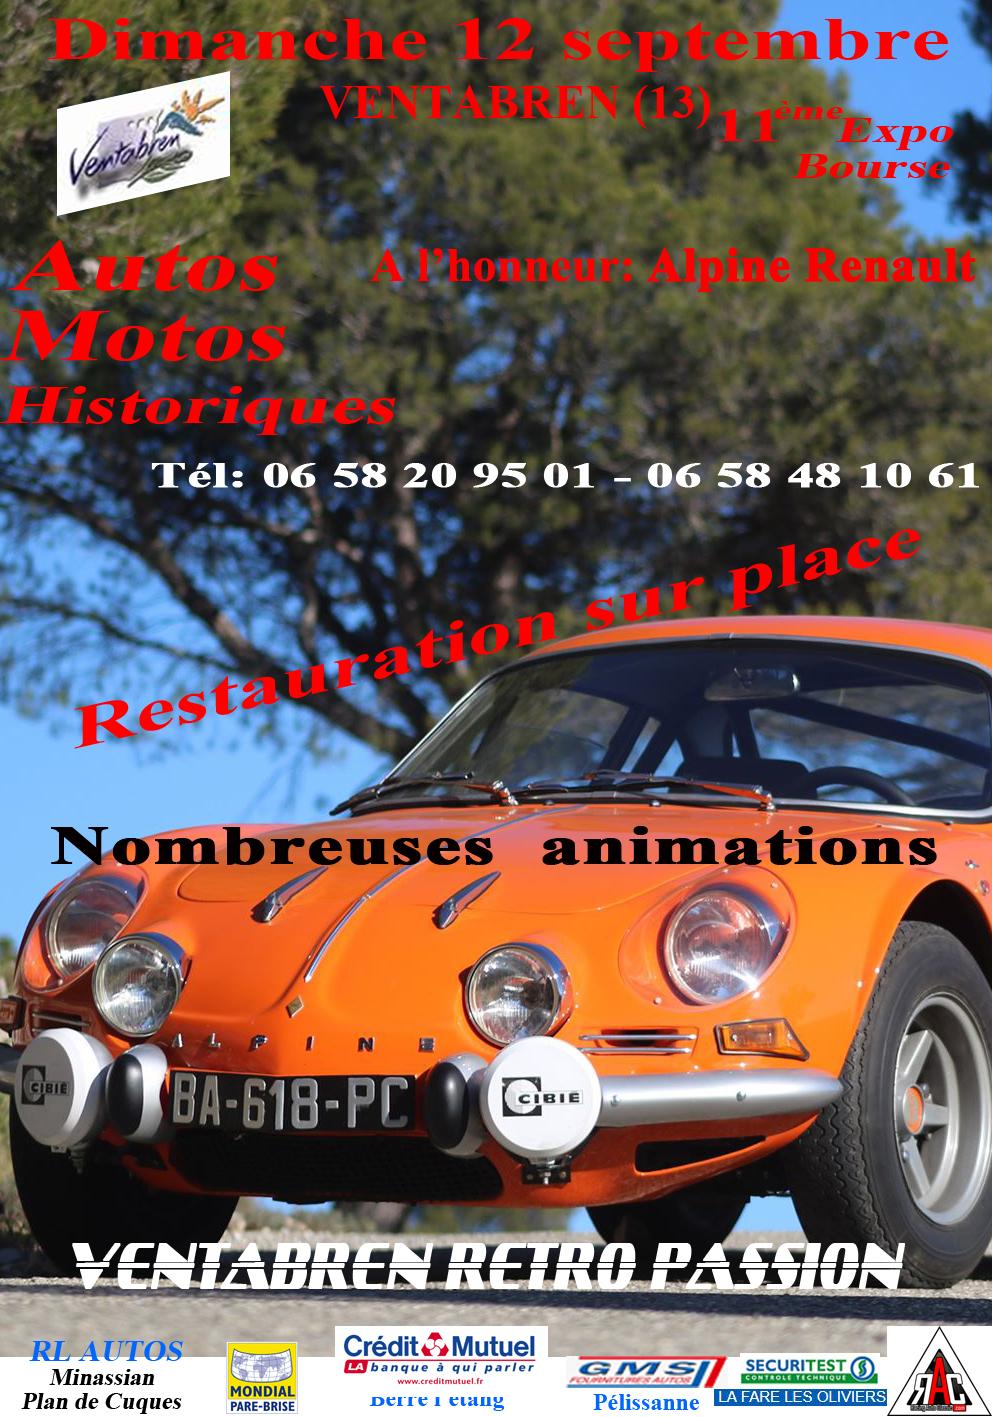 11ème expo-bourse de Ventabren le 12 septembre 2021 Affiche_expo